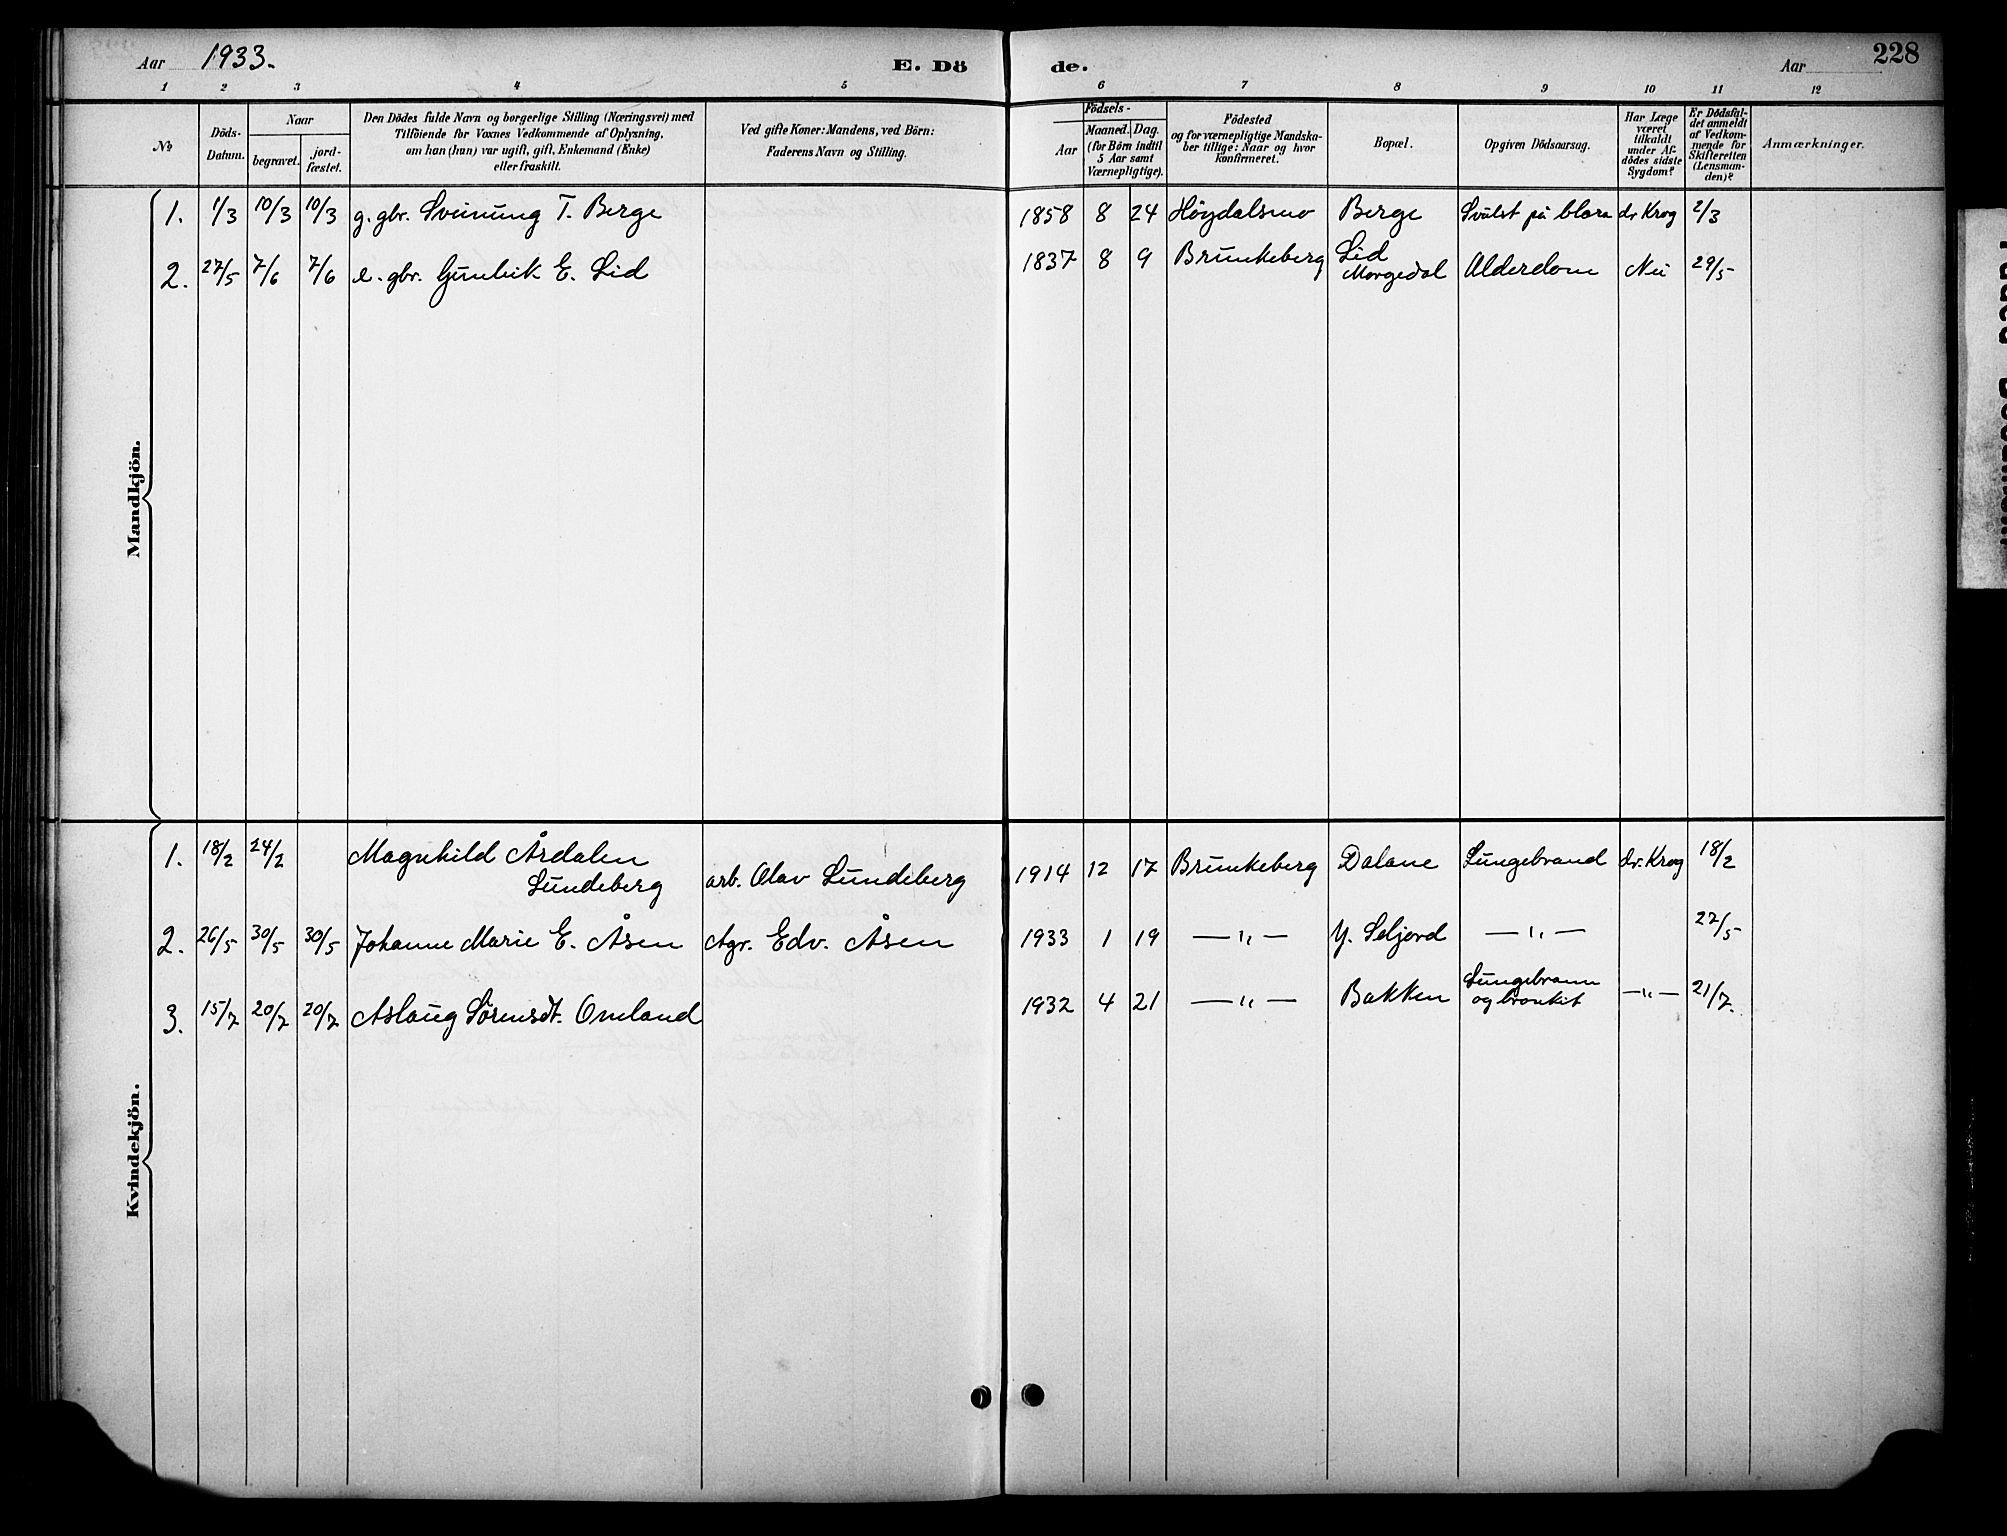 SAKO, Kviteseid kirkebøker, G/Gb/L0003: Klokkerbok nr. II 3, 1893-1933, s. 228